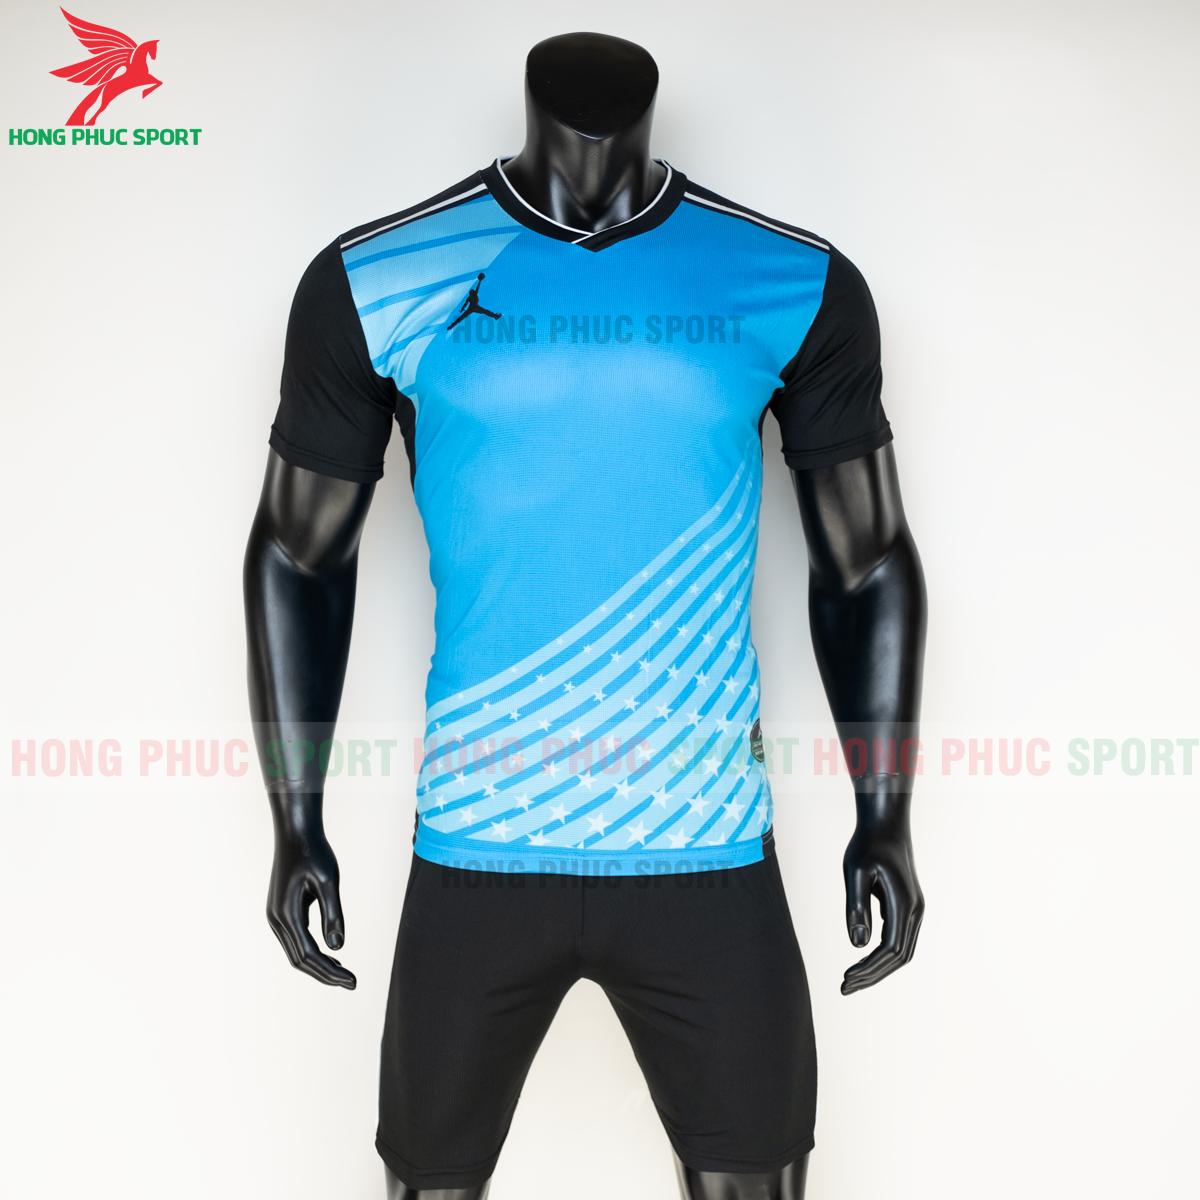 Quần áo bóng chuyền Jordan 2020 mẫu 2 (trước)